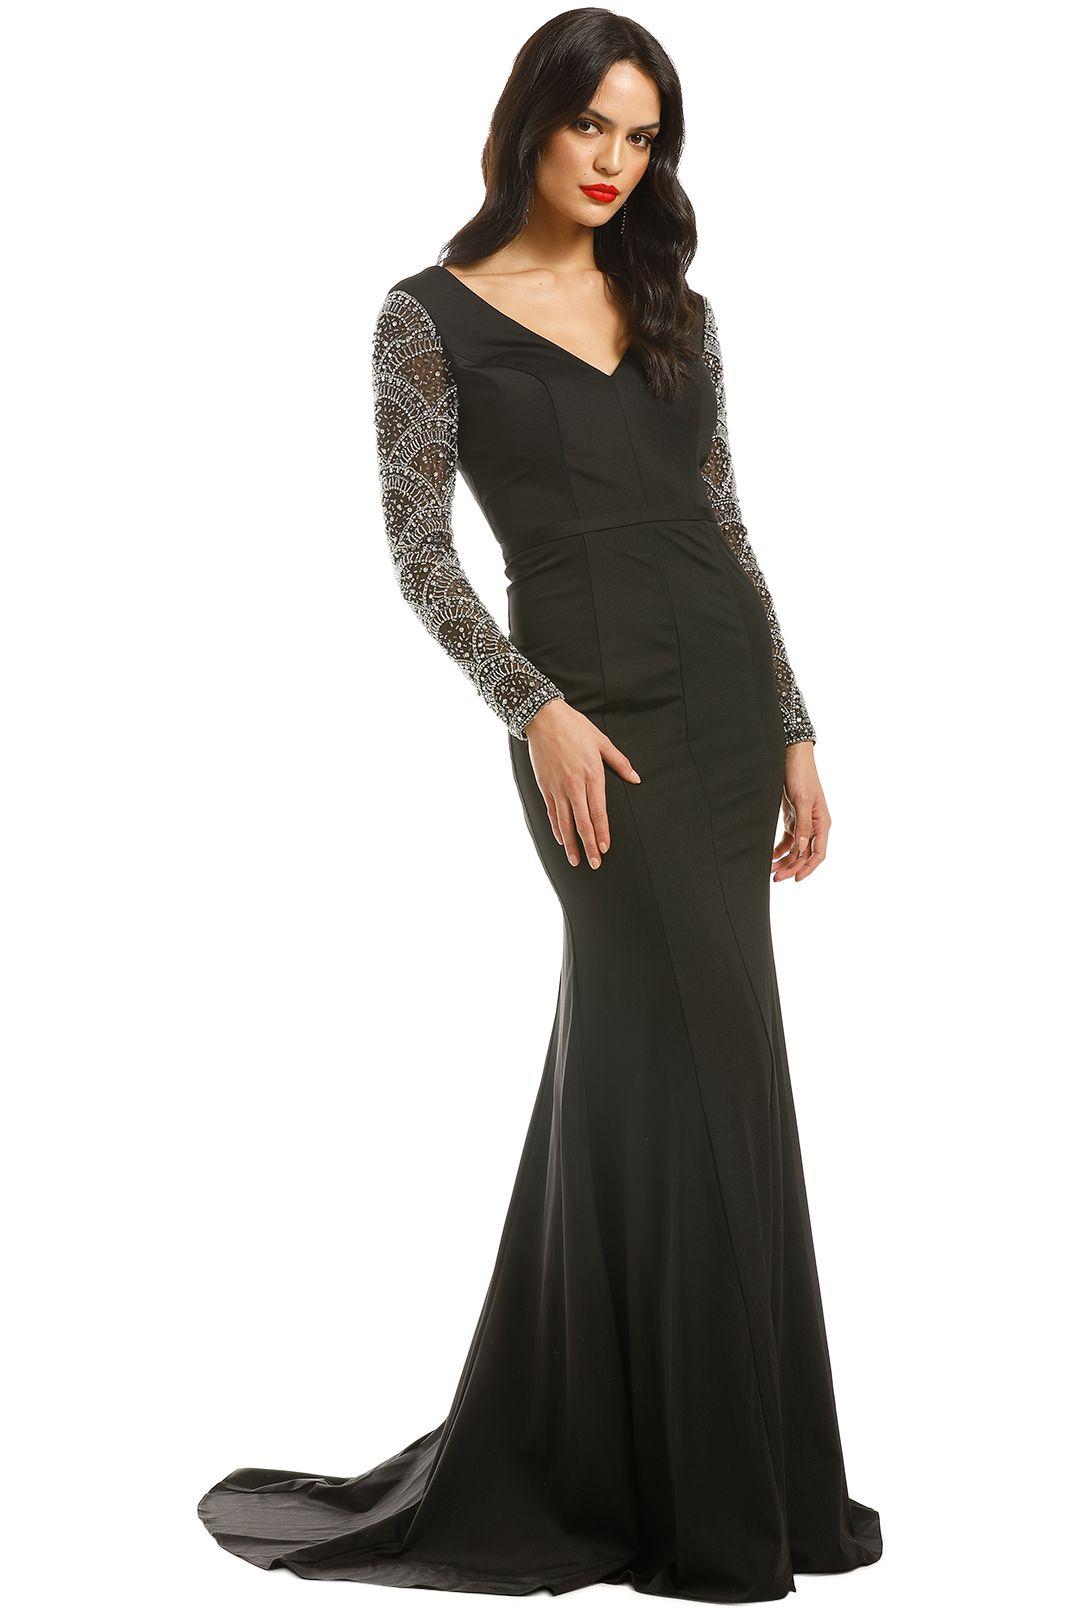 Jadore-Elizabeth-Gown-Black-Side